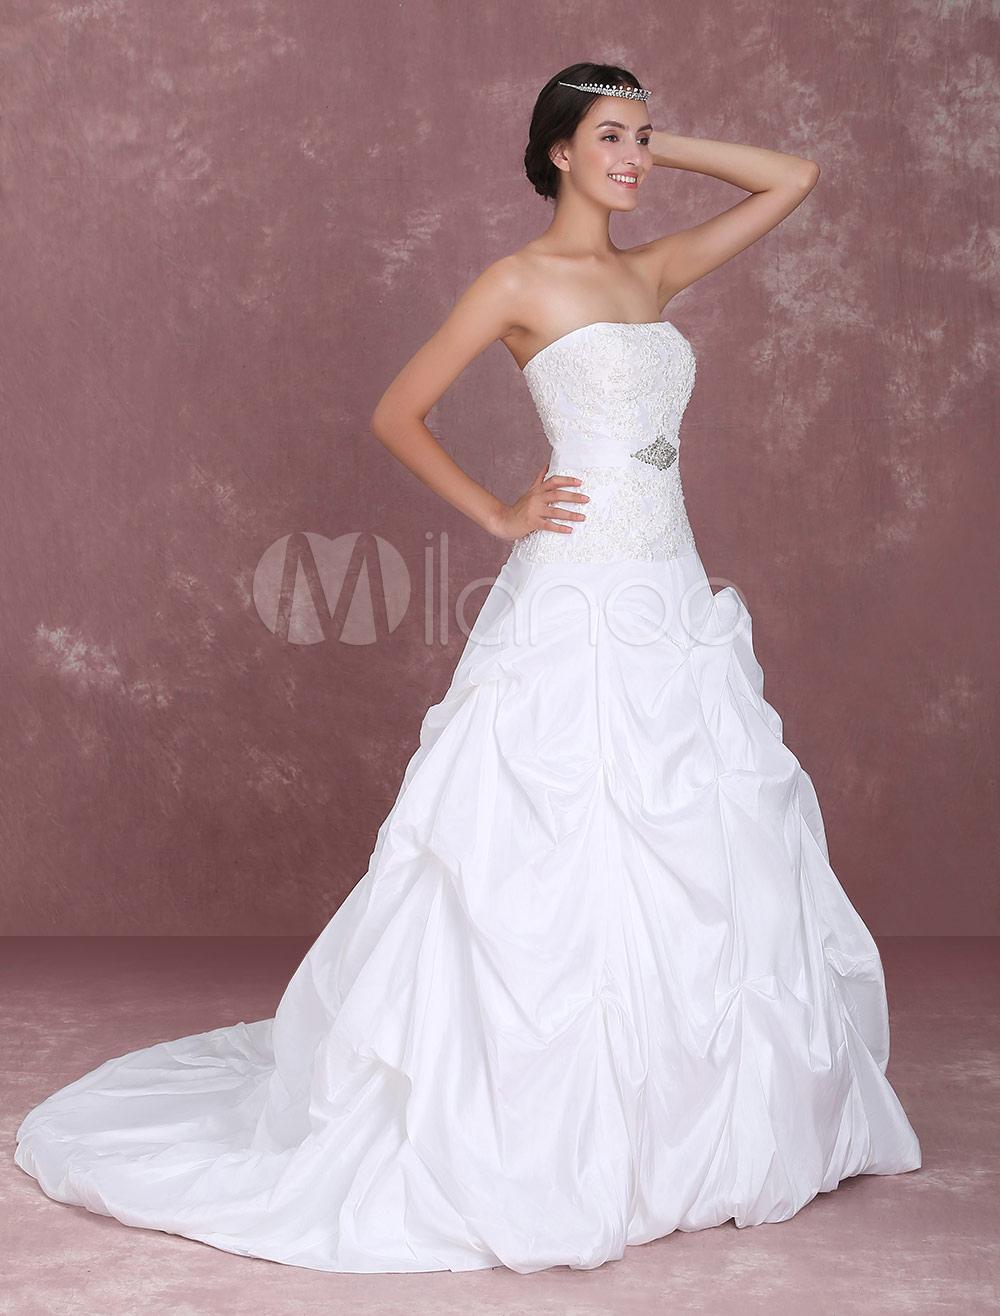 e7508a4a363cd Vestido de novia de tafetán con escote palabra de honor y aplicación ...